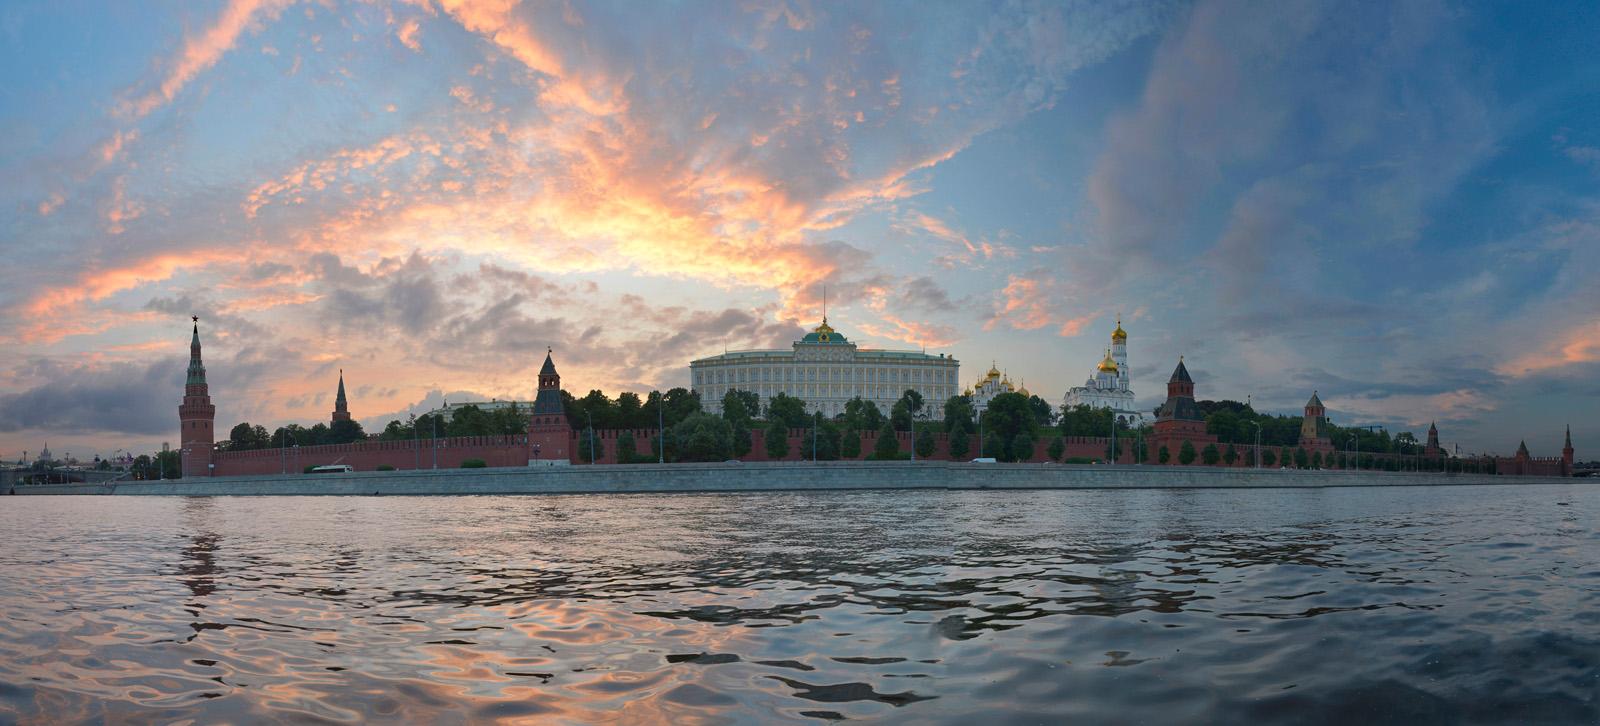 позволит картинки панорамы кремля гораздо